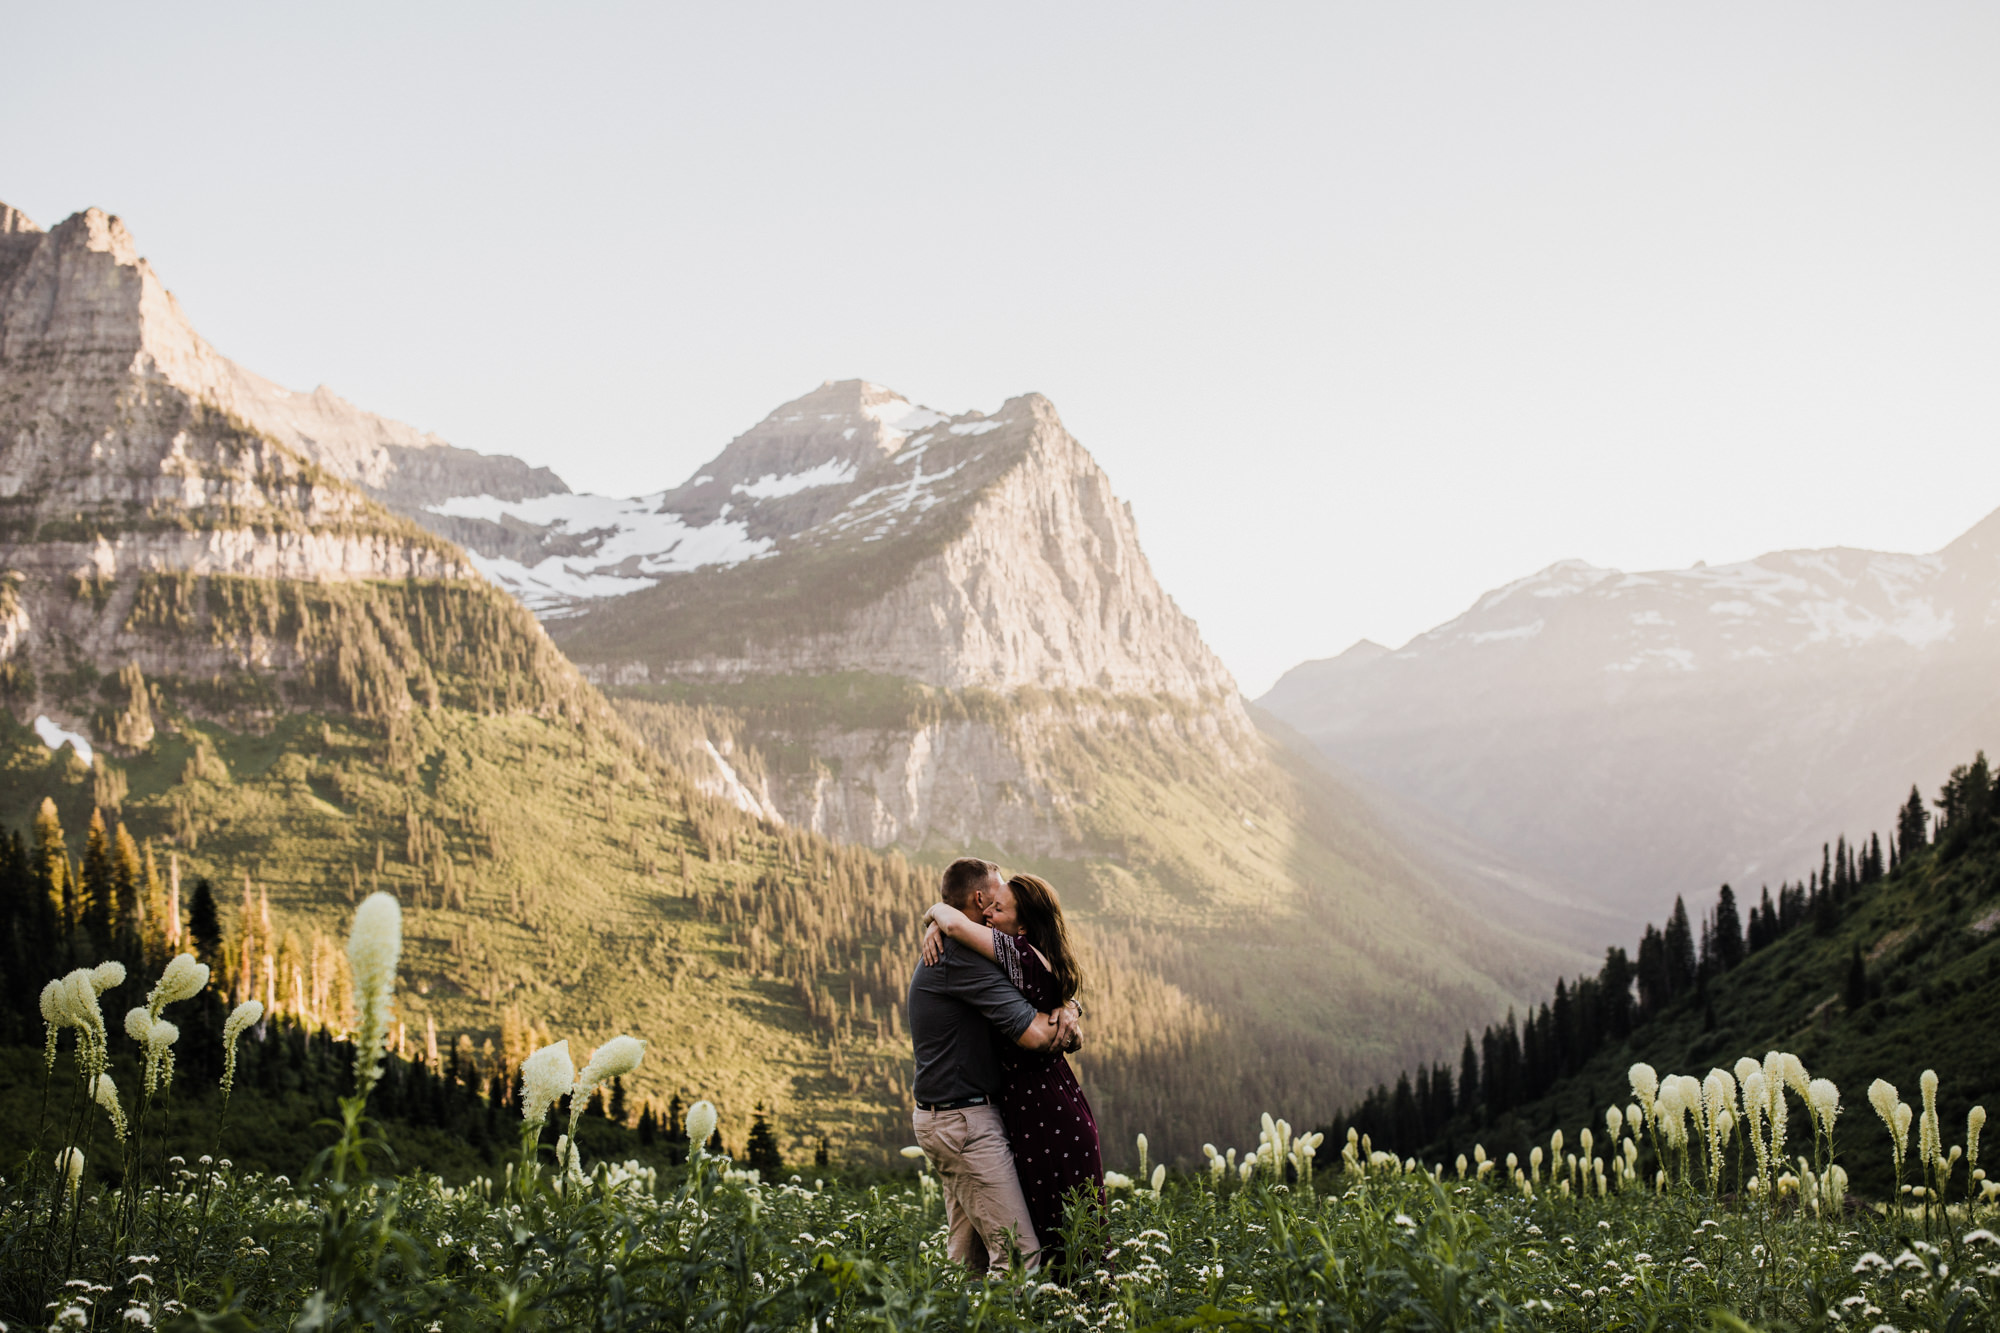 mountaintop engagement session in glacier national park | destination engagement photo inspiration | utah adventure elopement photographers | the hearnes adventure photography | www.thehearnes.com